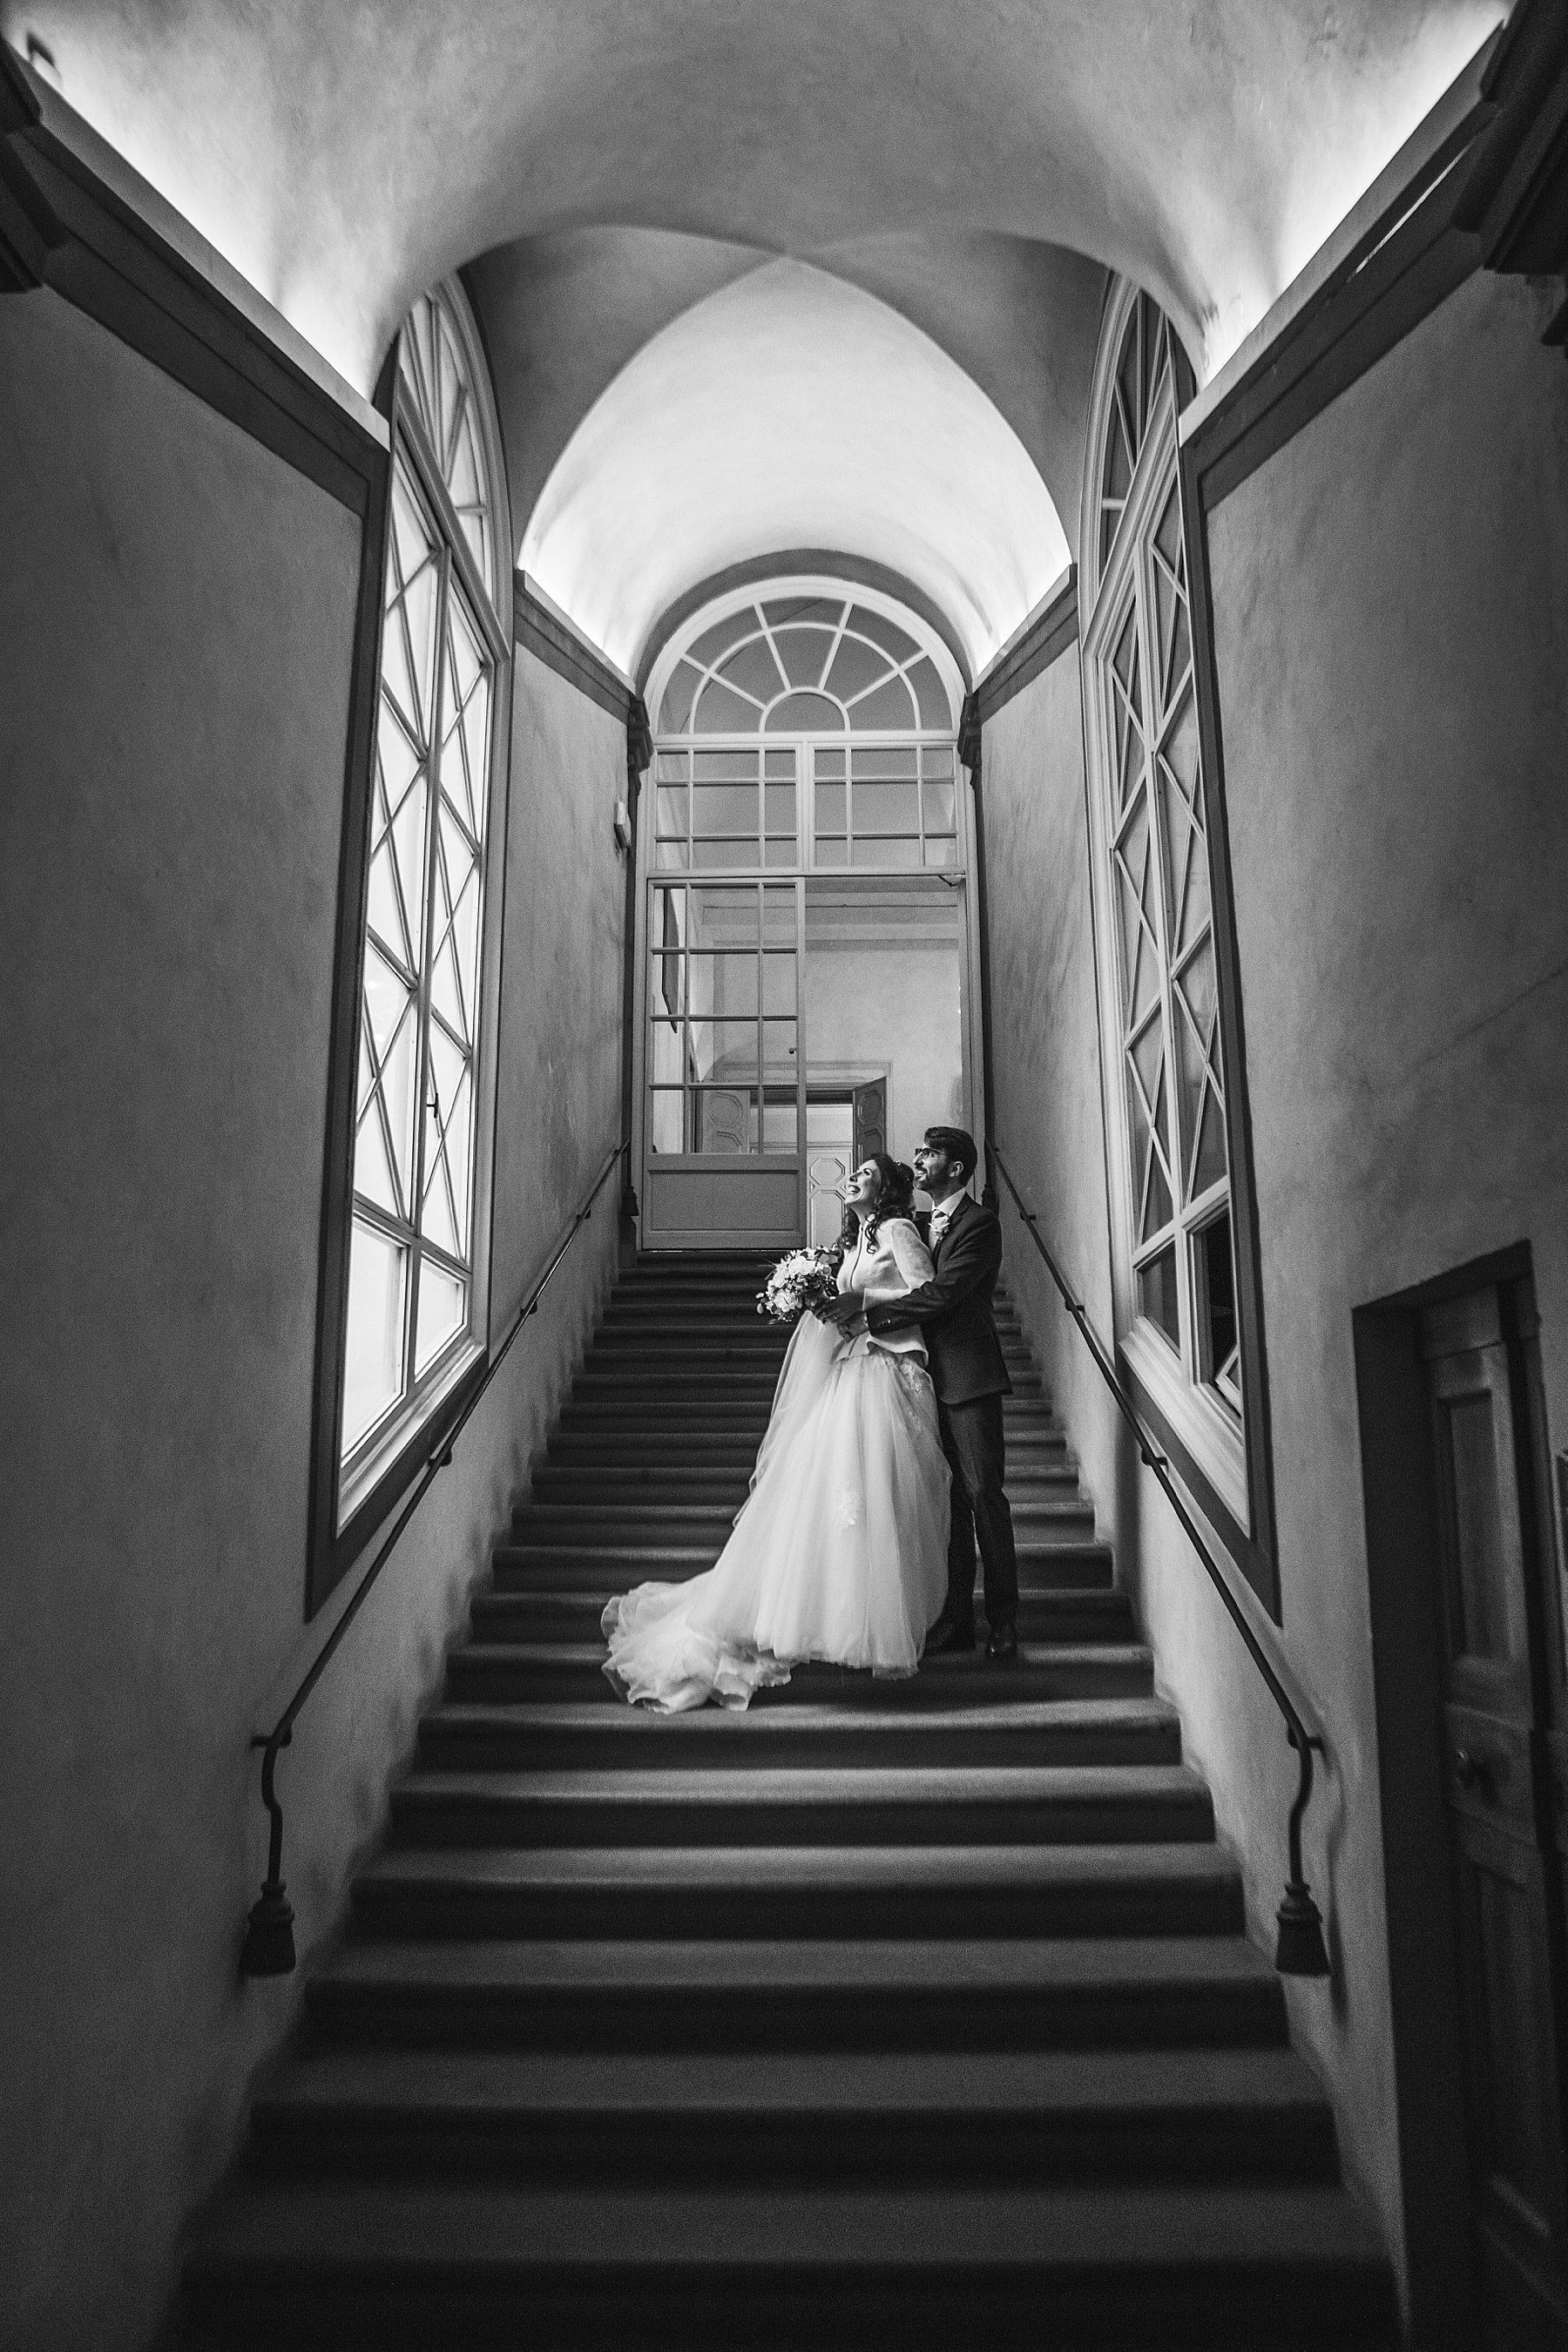 fotografia di matrimonio a firenze in inverno 753